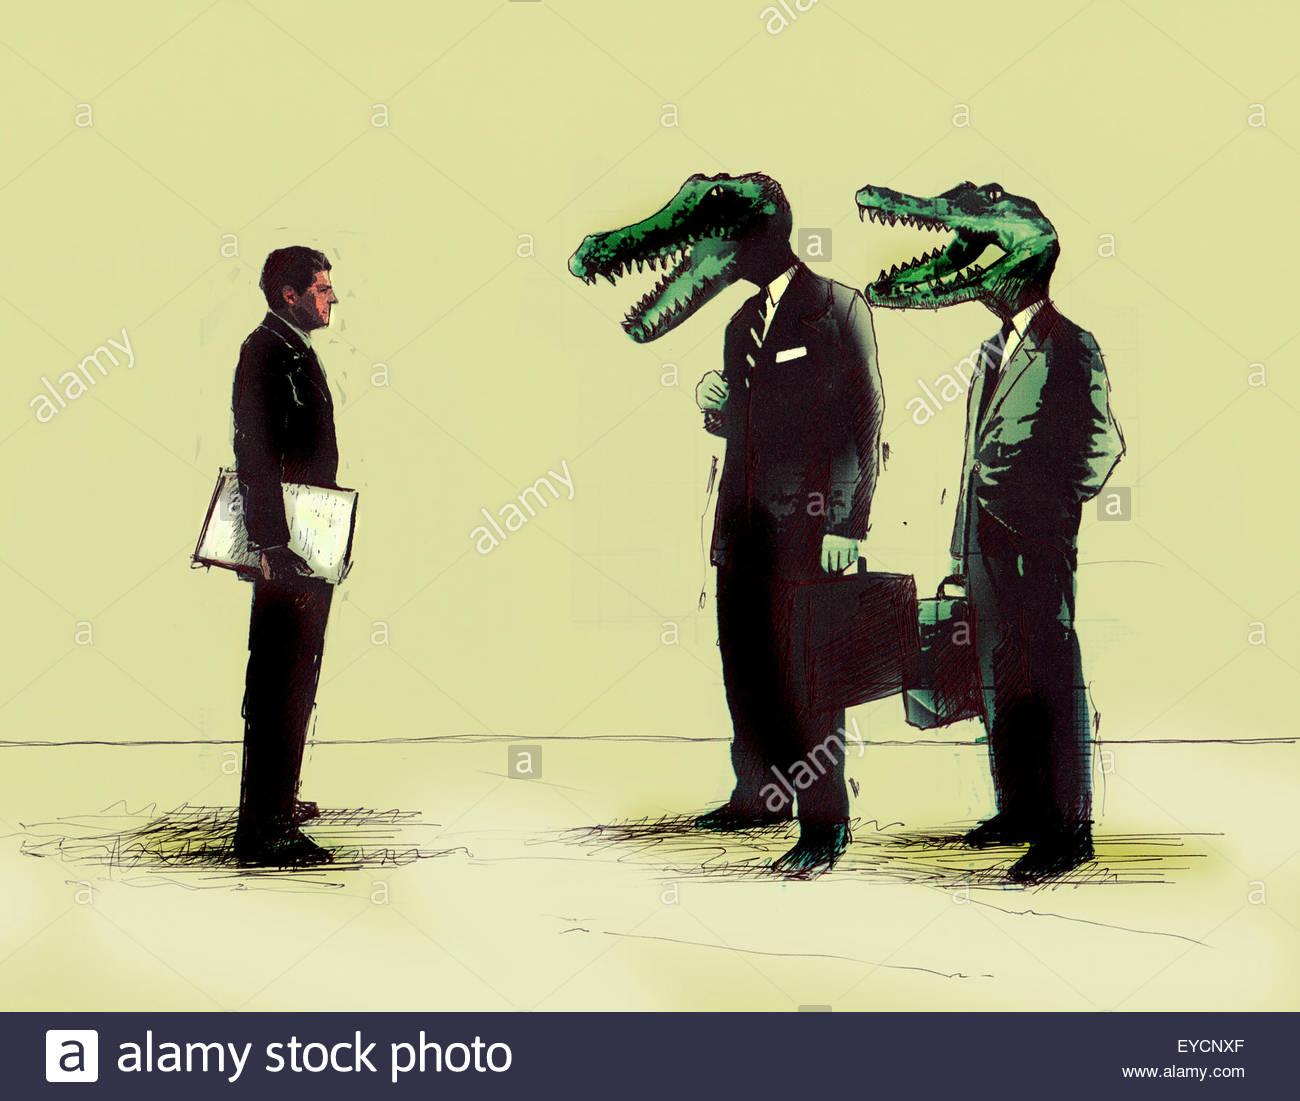 Rencontre avec des hommes d'affaires chefs crocodile Photo Stock